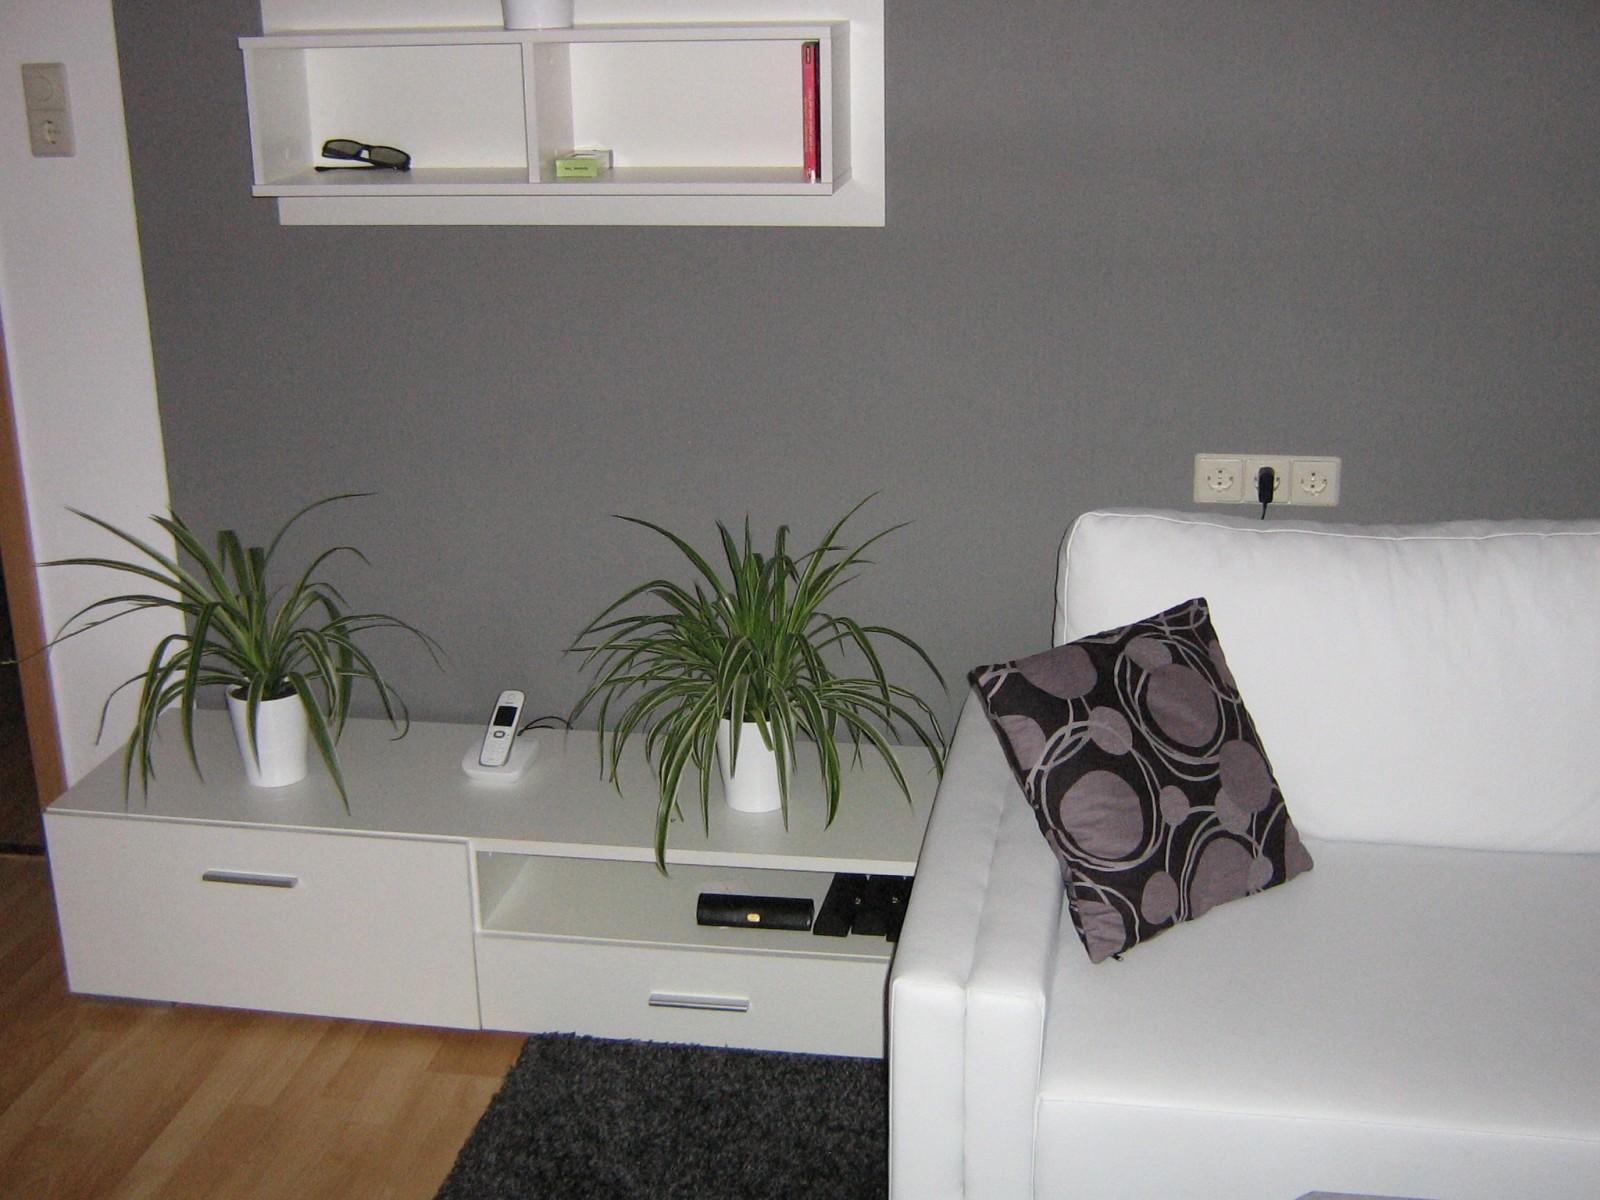 Wohnzimmer WOHNZIMMER IN GRAU WEI GRN  Mein Domizil mit neuen Farben  Zimmerschau